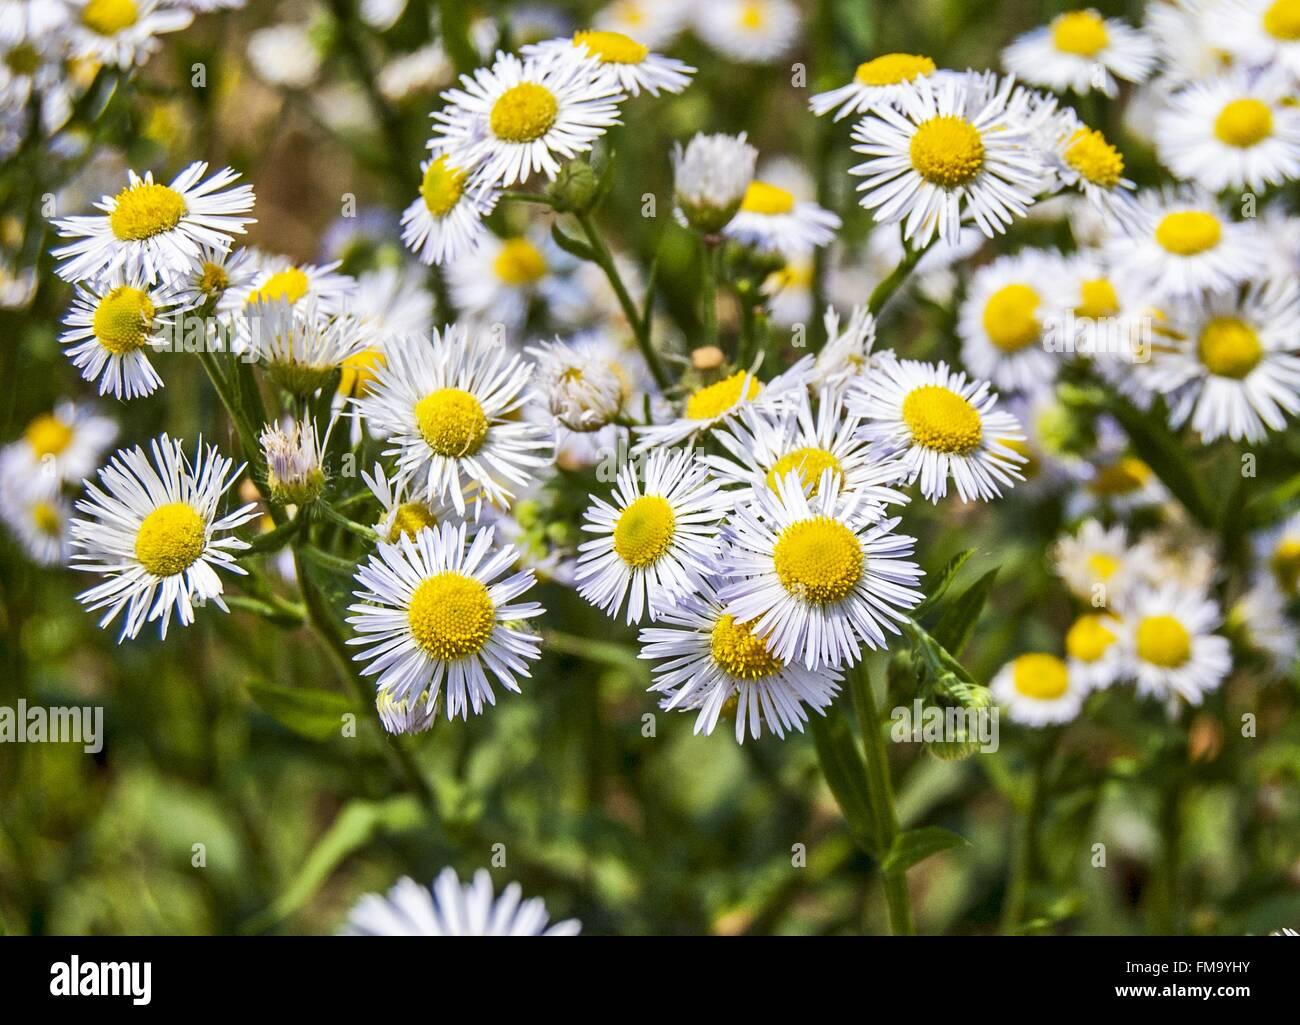 Flowers wild daisy growing in a field stock photo 98564199 alamy flowers wild daisy growing in a field izmirmasajfo